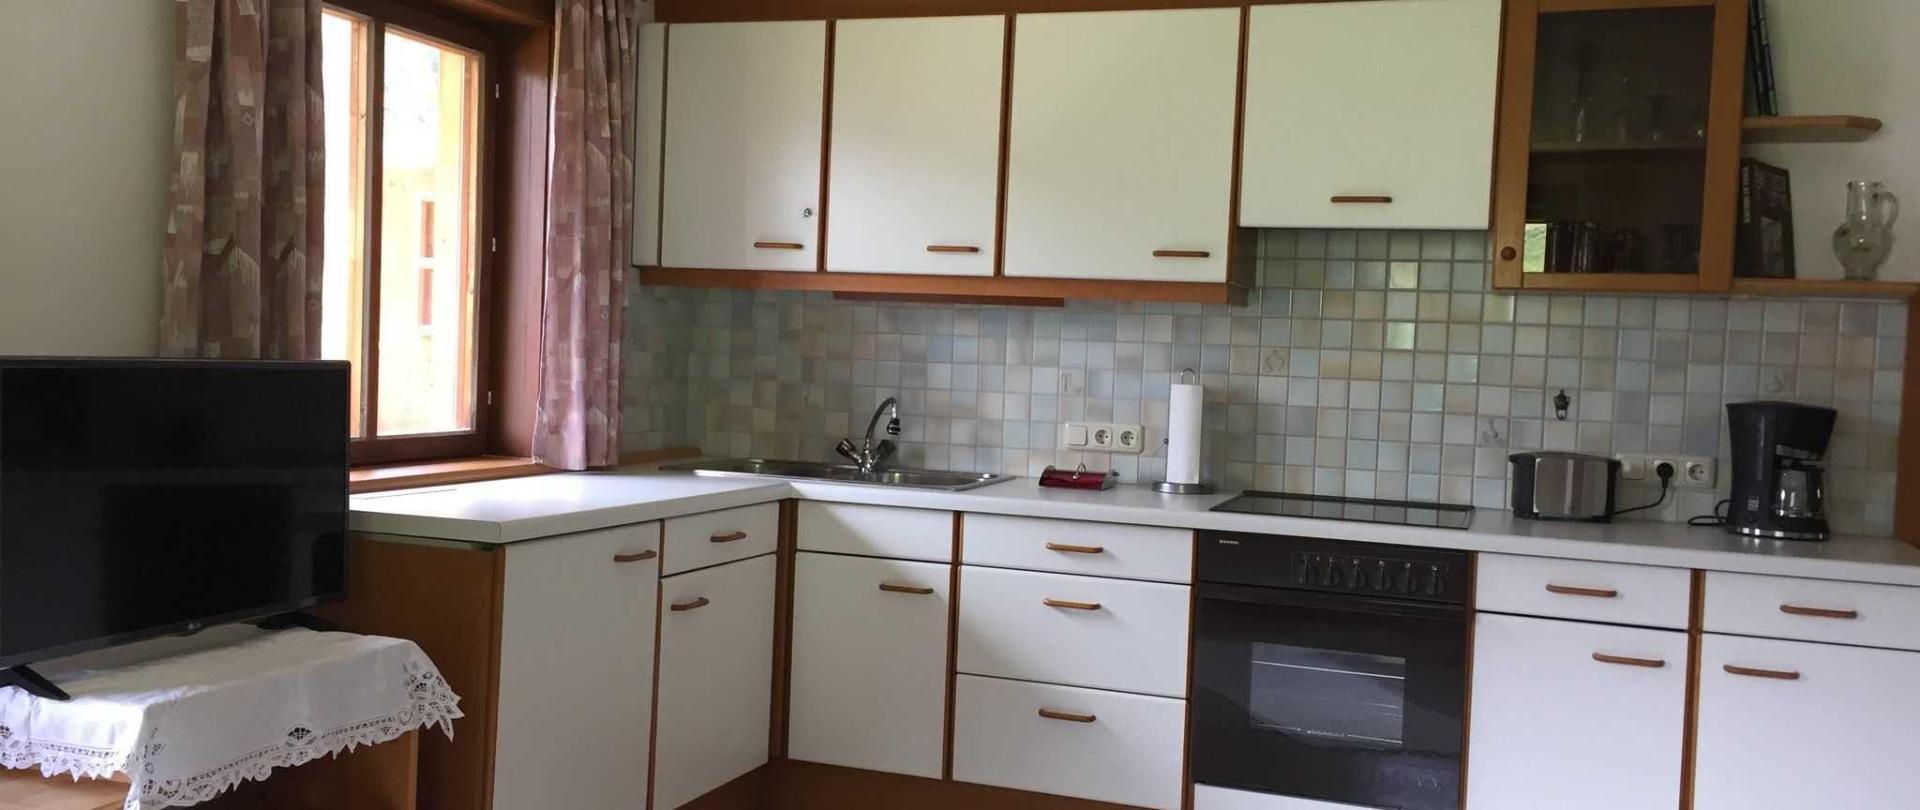 Wohnung 3 Küche.jpg